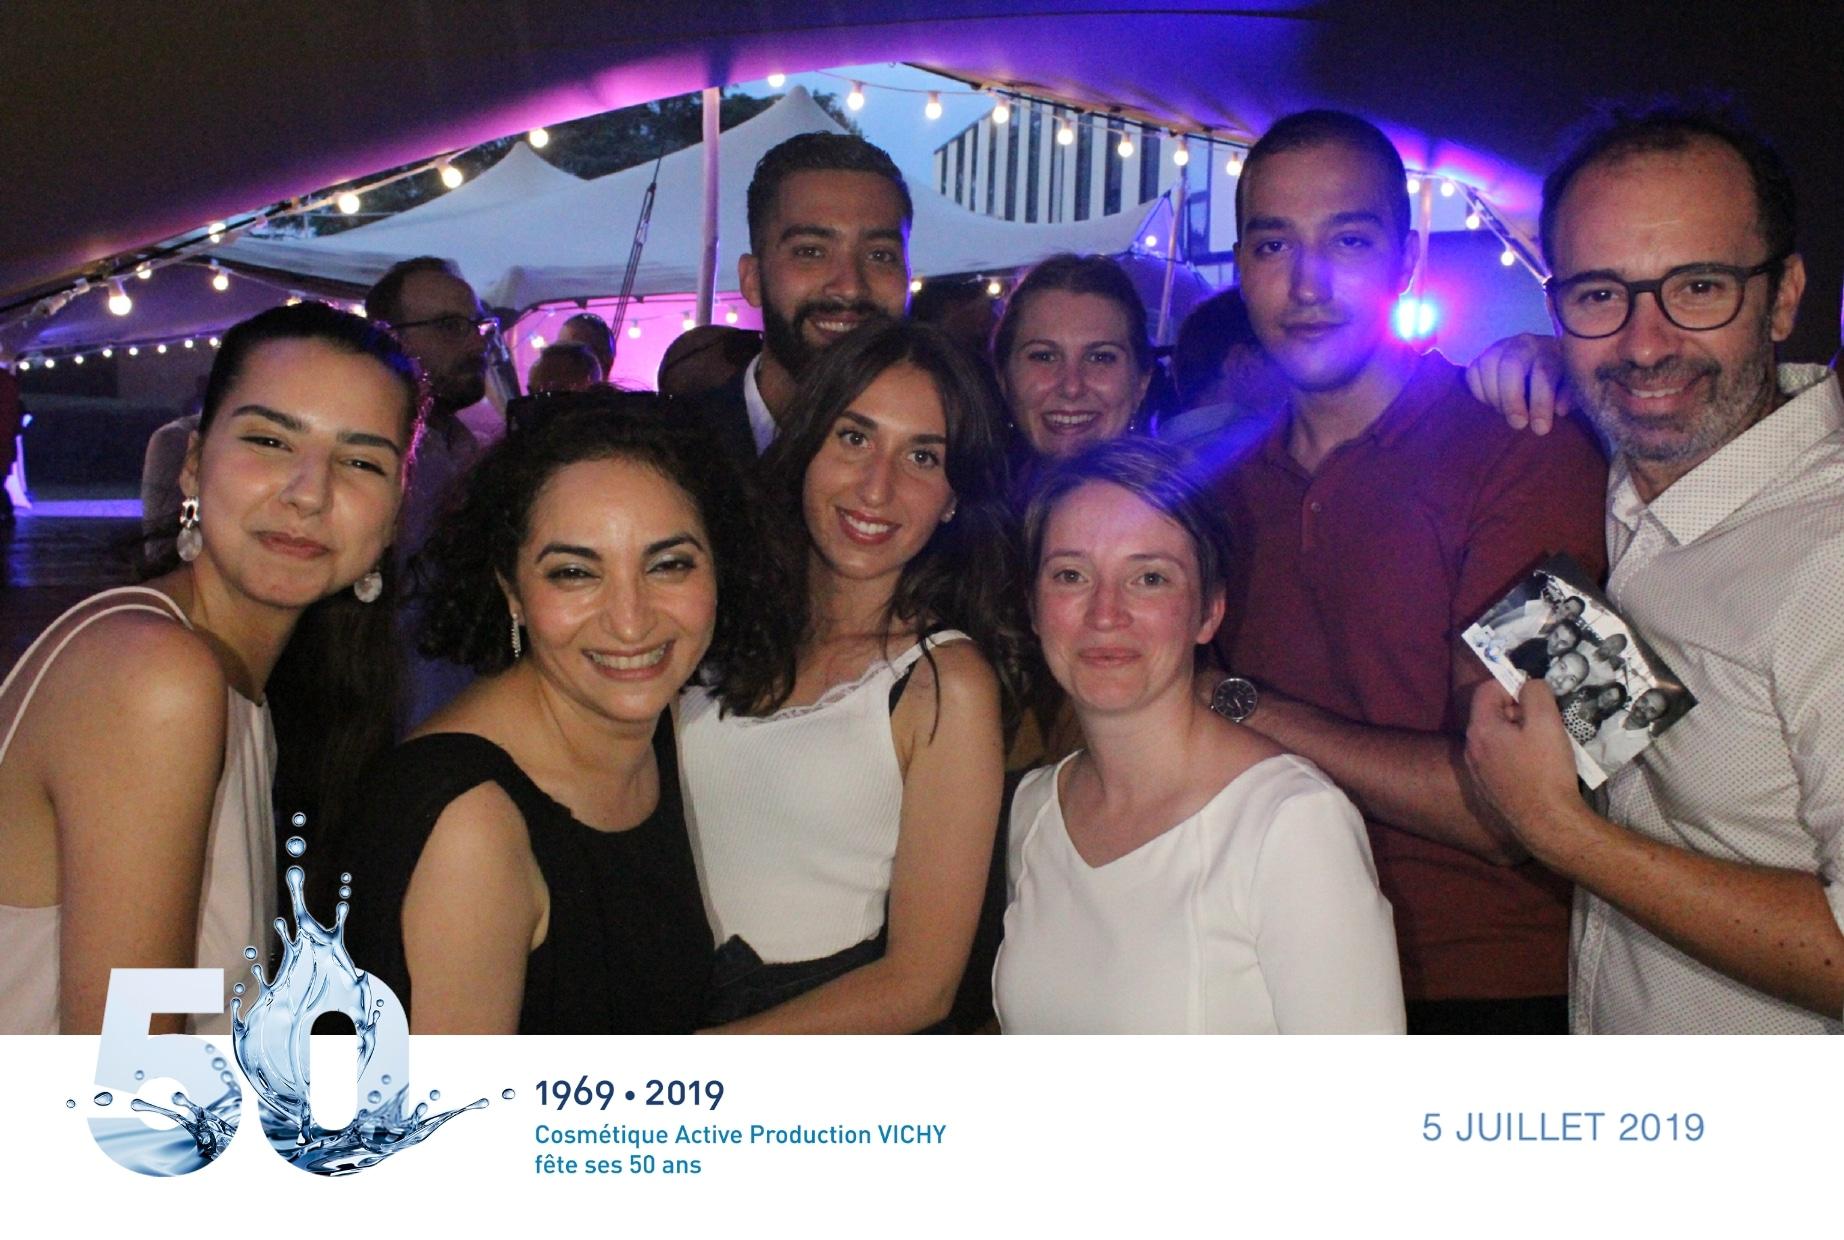 Animation selfie box avec impressions photos pour fête anniversaire 50 ans de la marque Vichy au site l'Oréal de Vichy entre Clermont Ferrand et Nevers